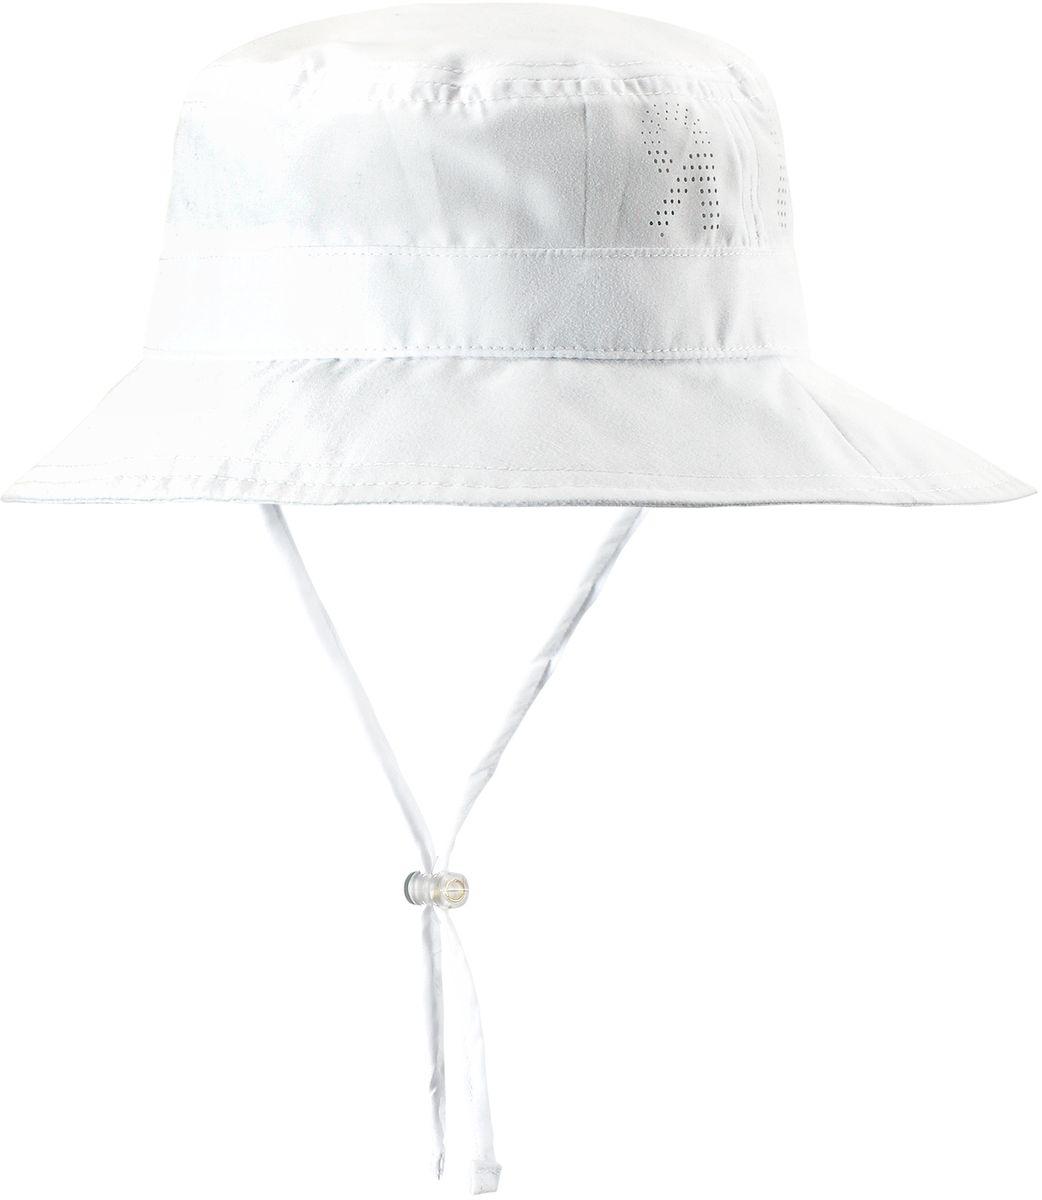 Панама детская Reima Tropical, цвет: белый. 5285310100. Размер 485285310100Защитная панама для малышей и детей постарше с фактором УФ-защиты 50+. Козырек панамы защищает лицо и глаза от вредного ультрафиолета. Изготовлена из дышащего и легкого материала SunProof. Облегченная модель без подкладки, а чтобы ветер не унес эту новую очаровательную панаму, просто завяжите завязки!